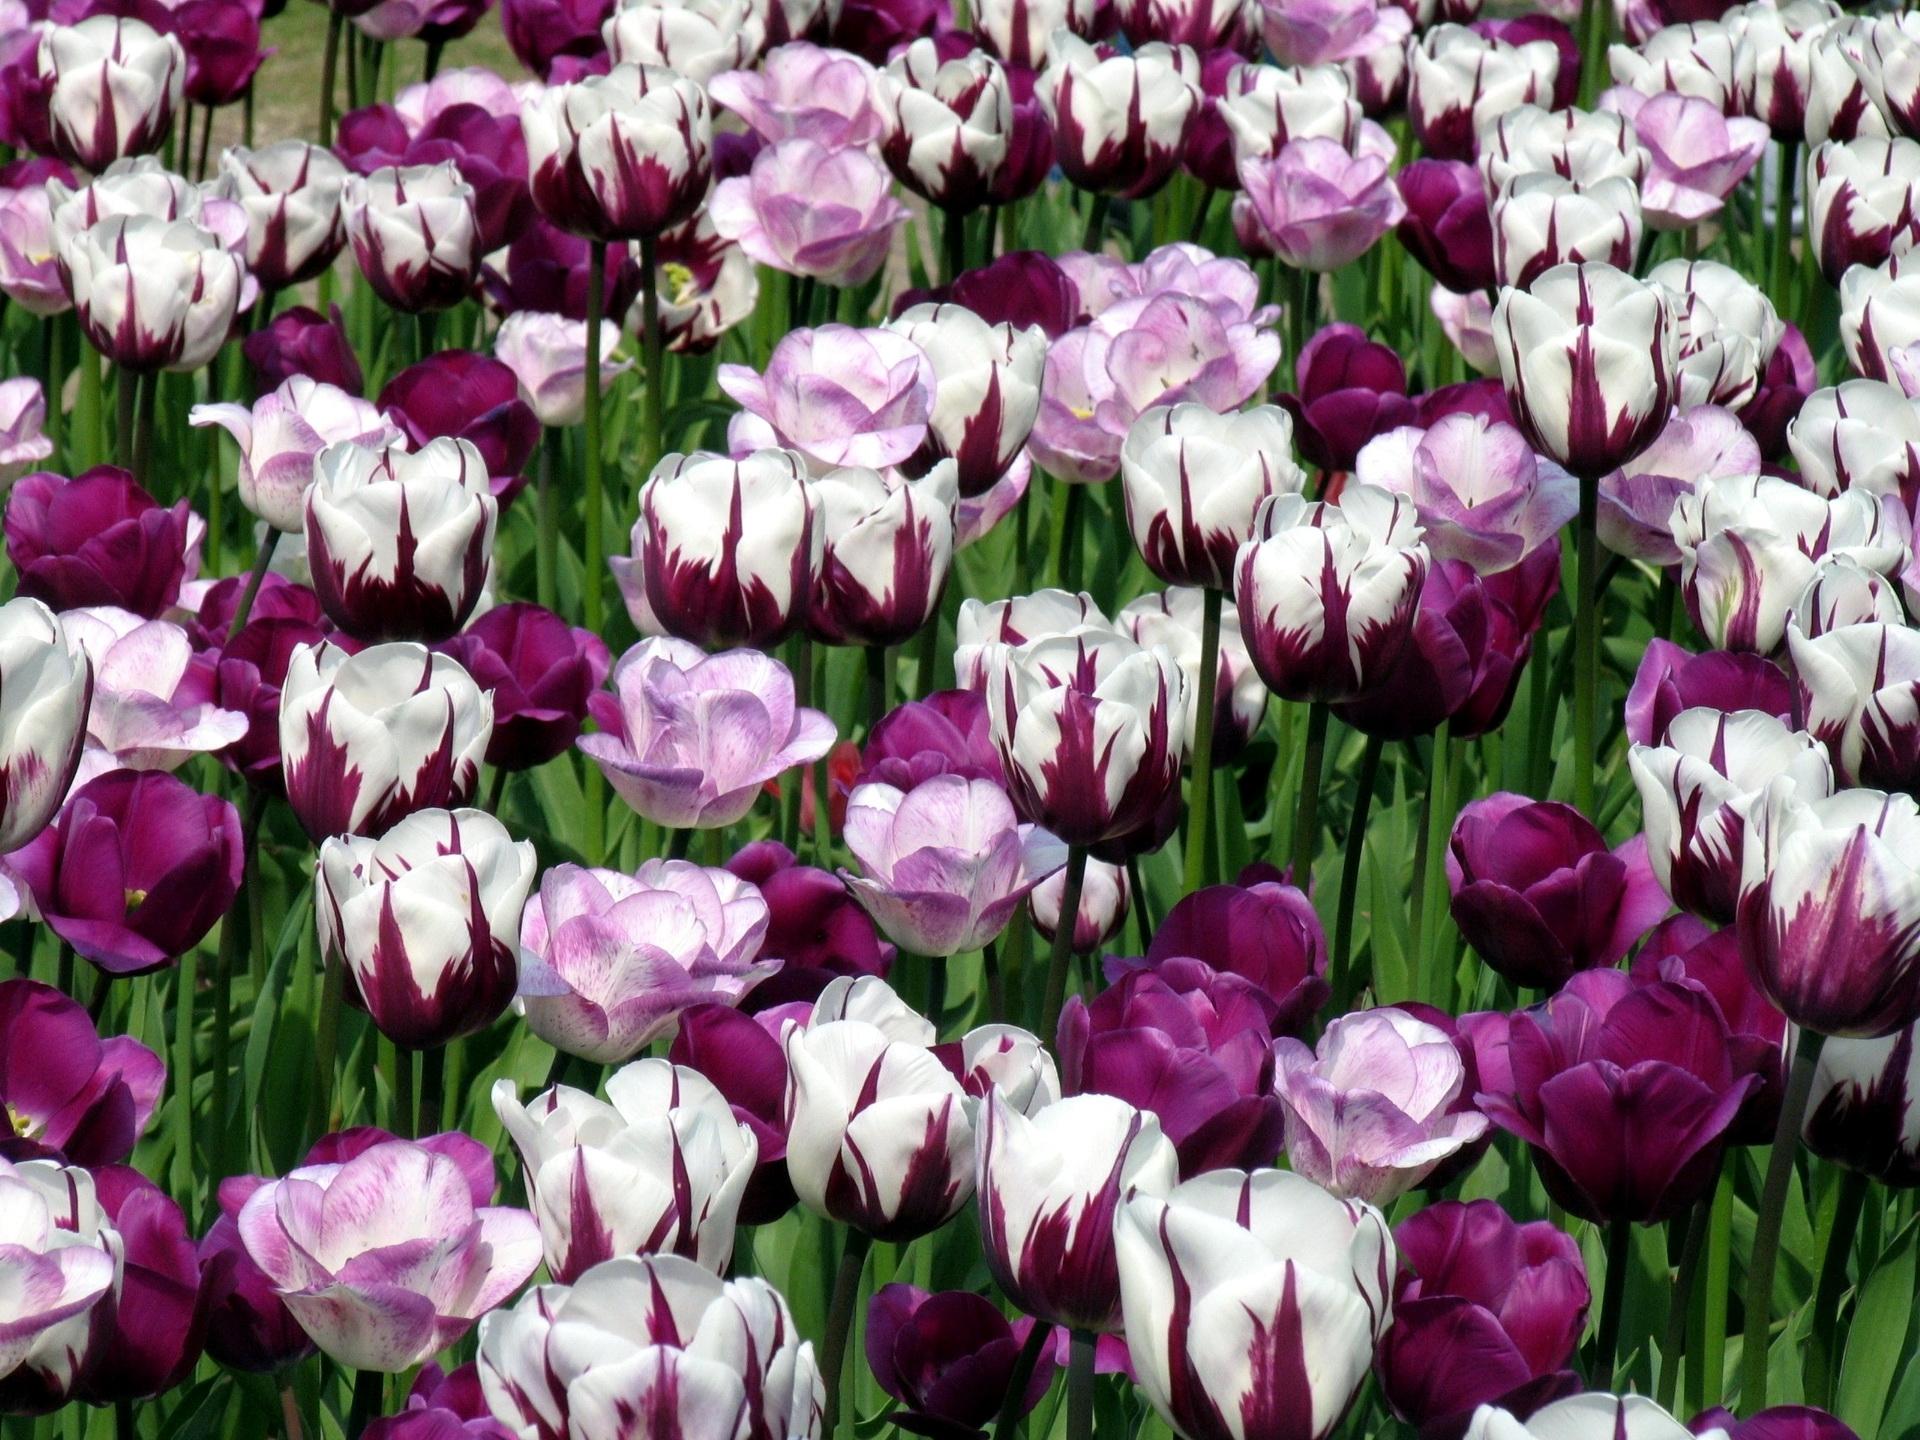 65688 скачать обои Тюльпаны, Цветы, Зелень, Клумба, Пестрые - заставки и картинки бесплатно